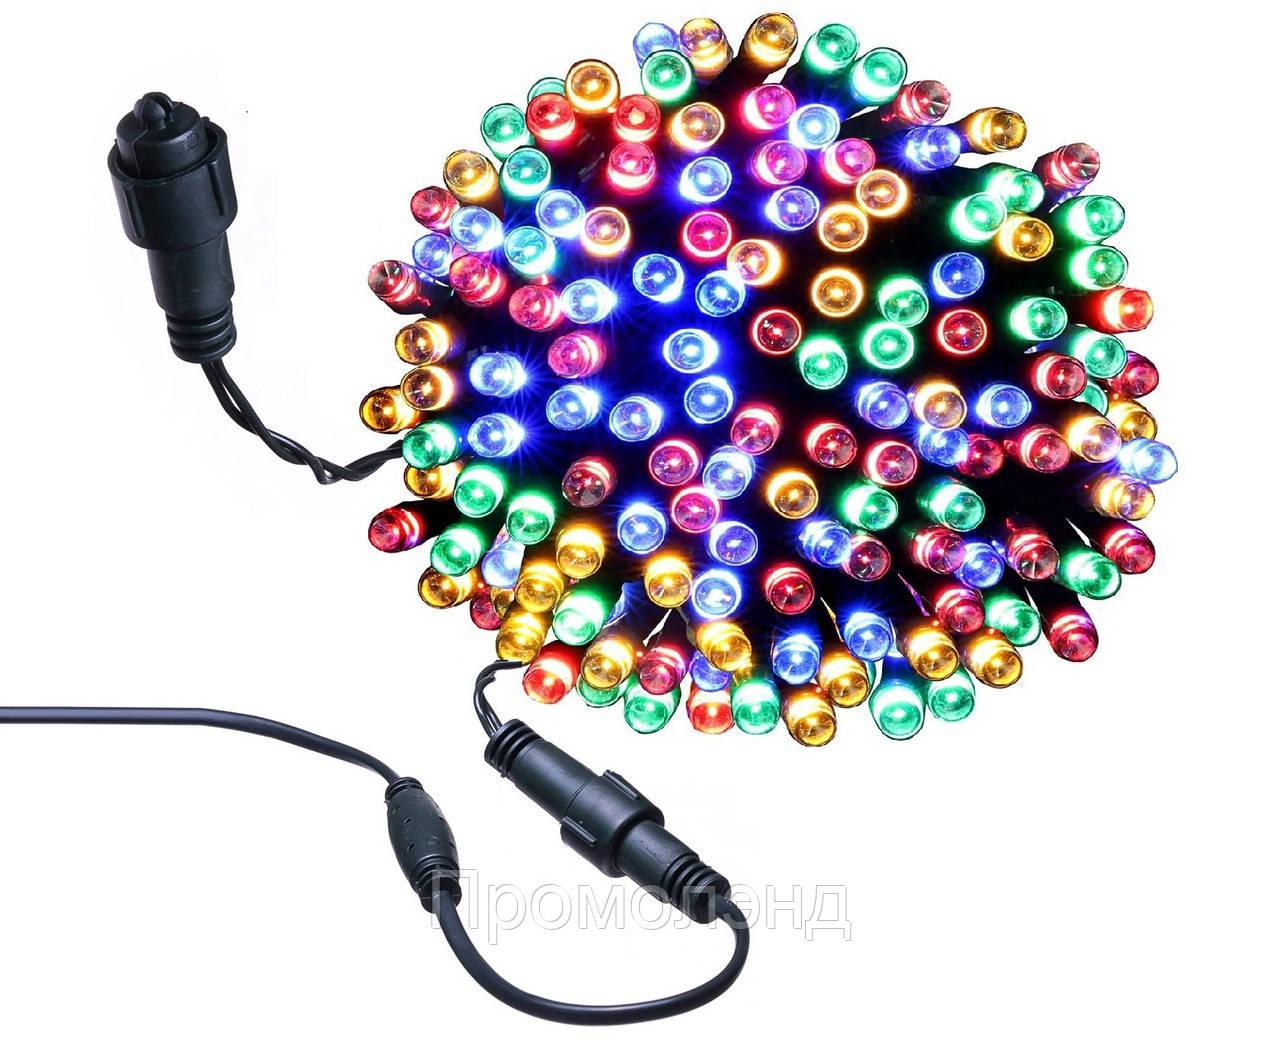 Новорічна гірлянда 100 LED, 8 M, Різнобарвна,кабель 2,2 мм